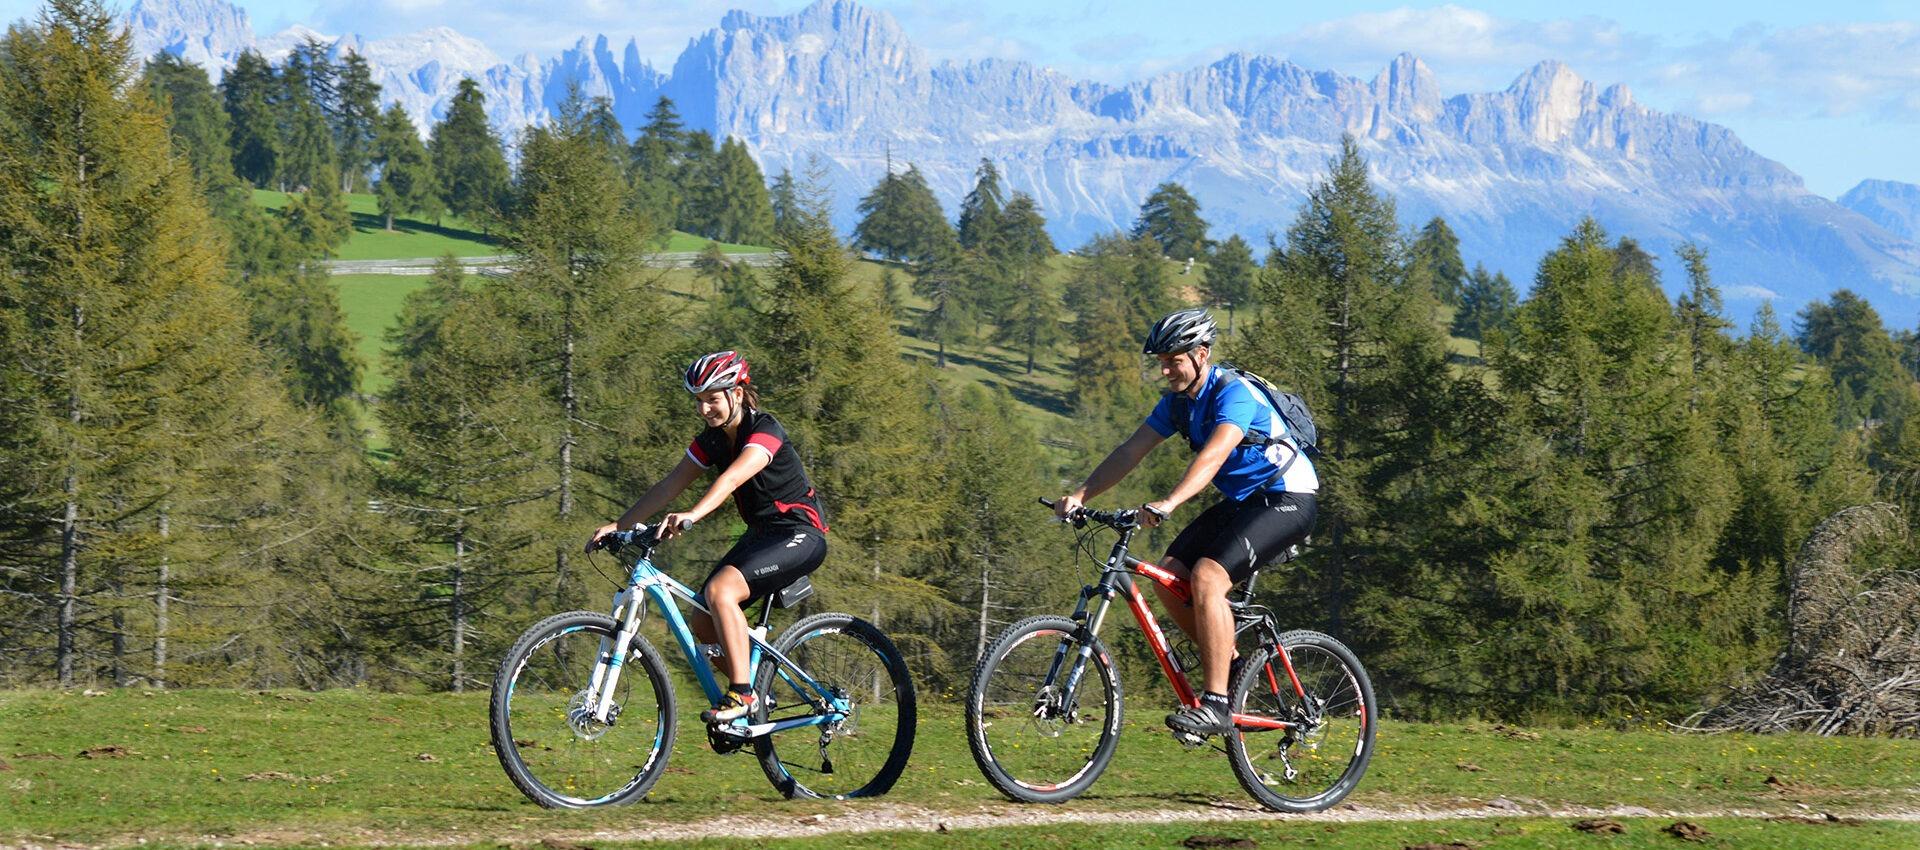 Radfahren in Südtirol, Panorama am Salten bei Meran